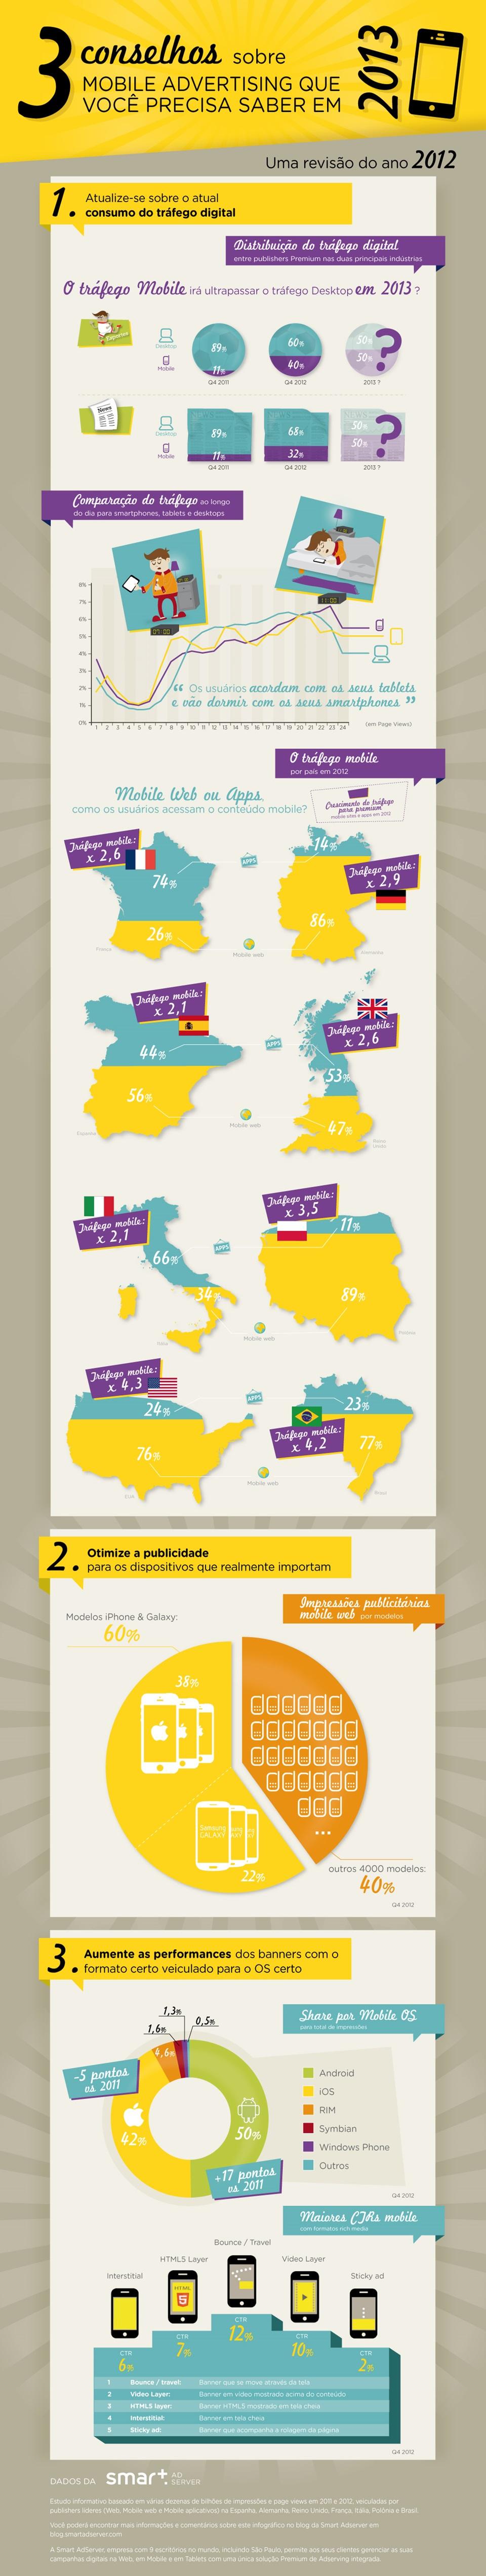 3 conselhos sobre mobile advertising que você precisa saber em 2013